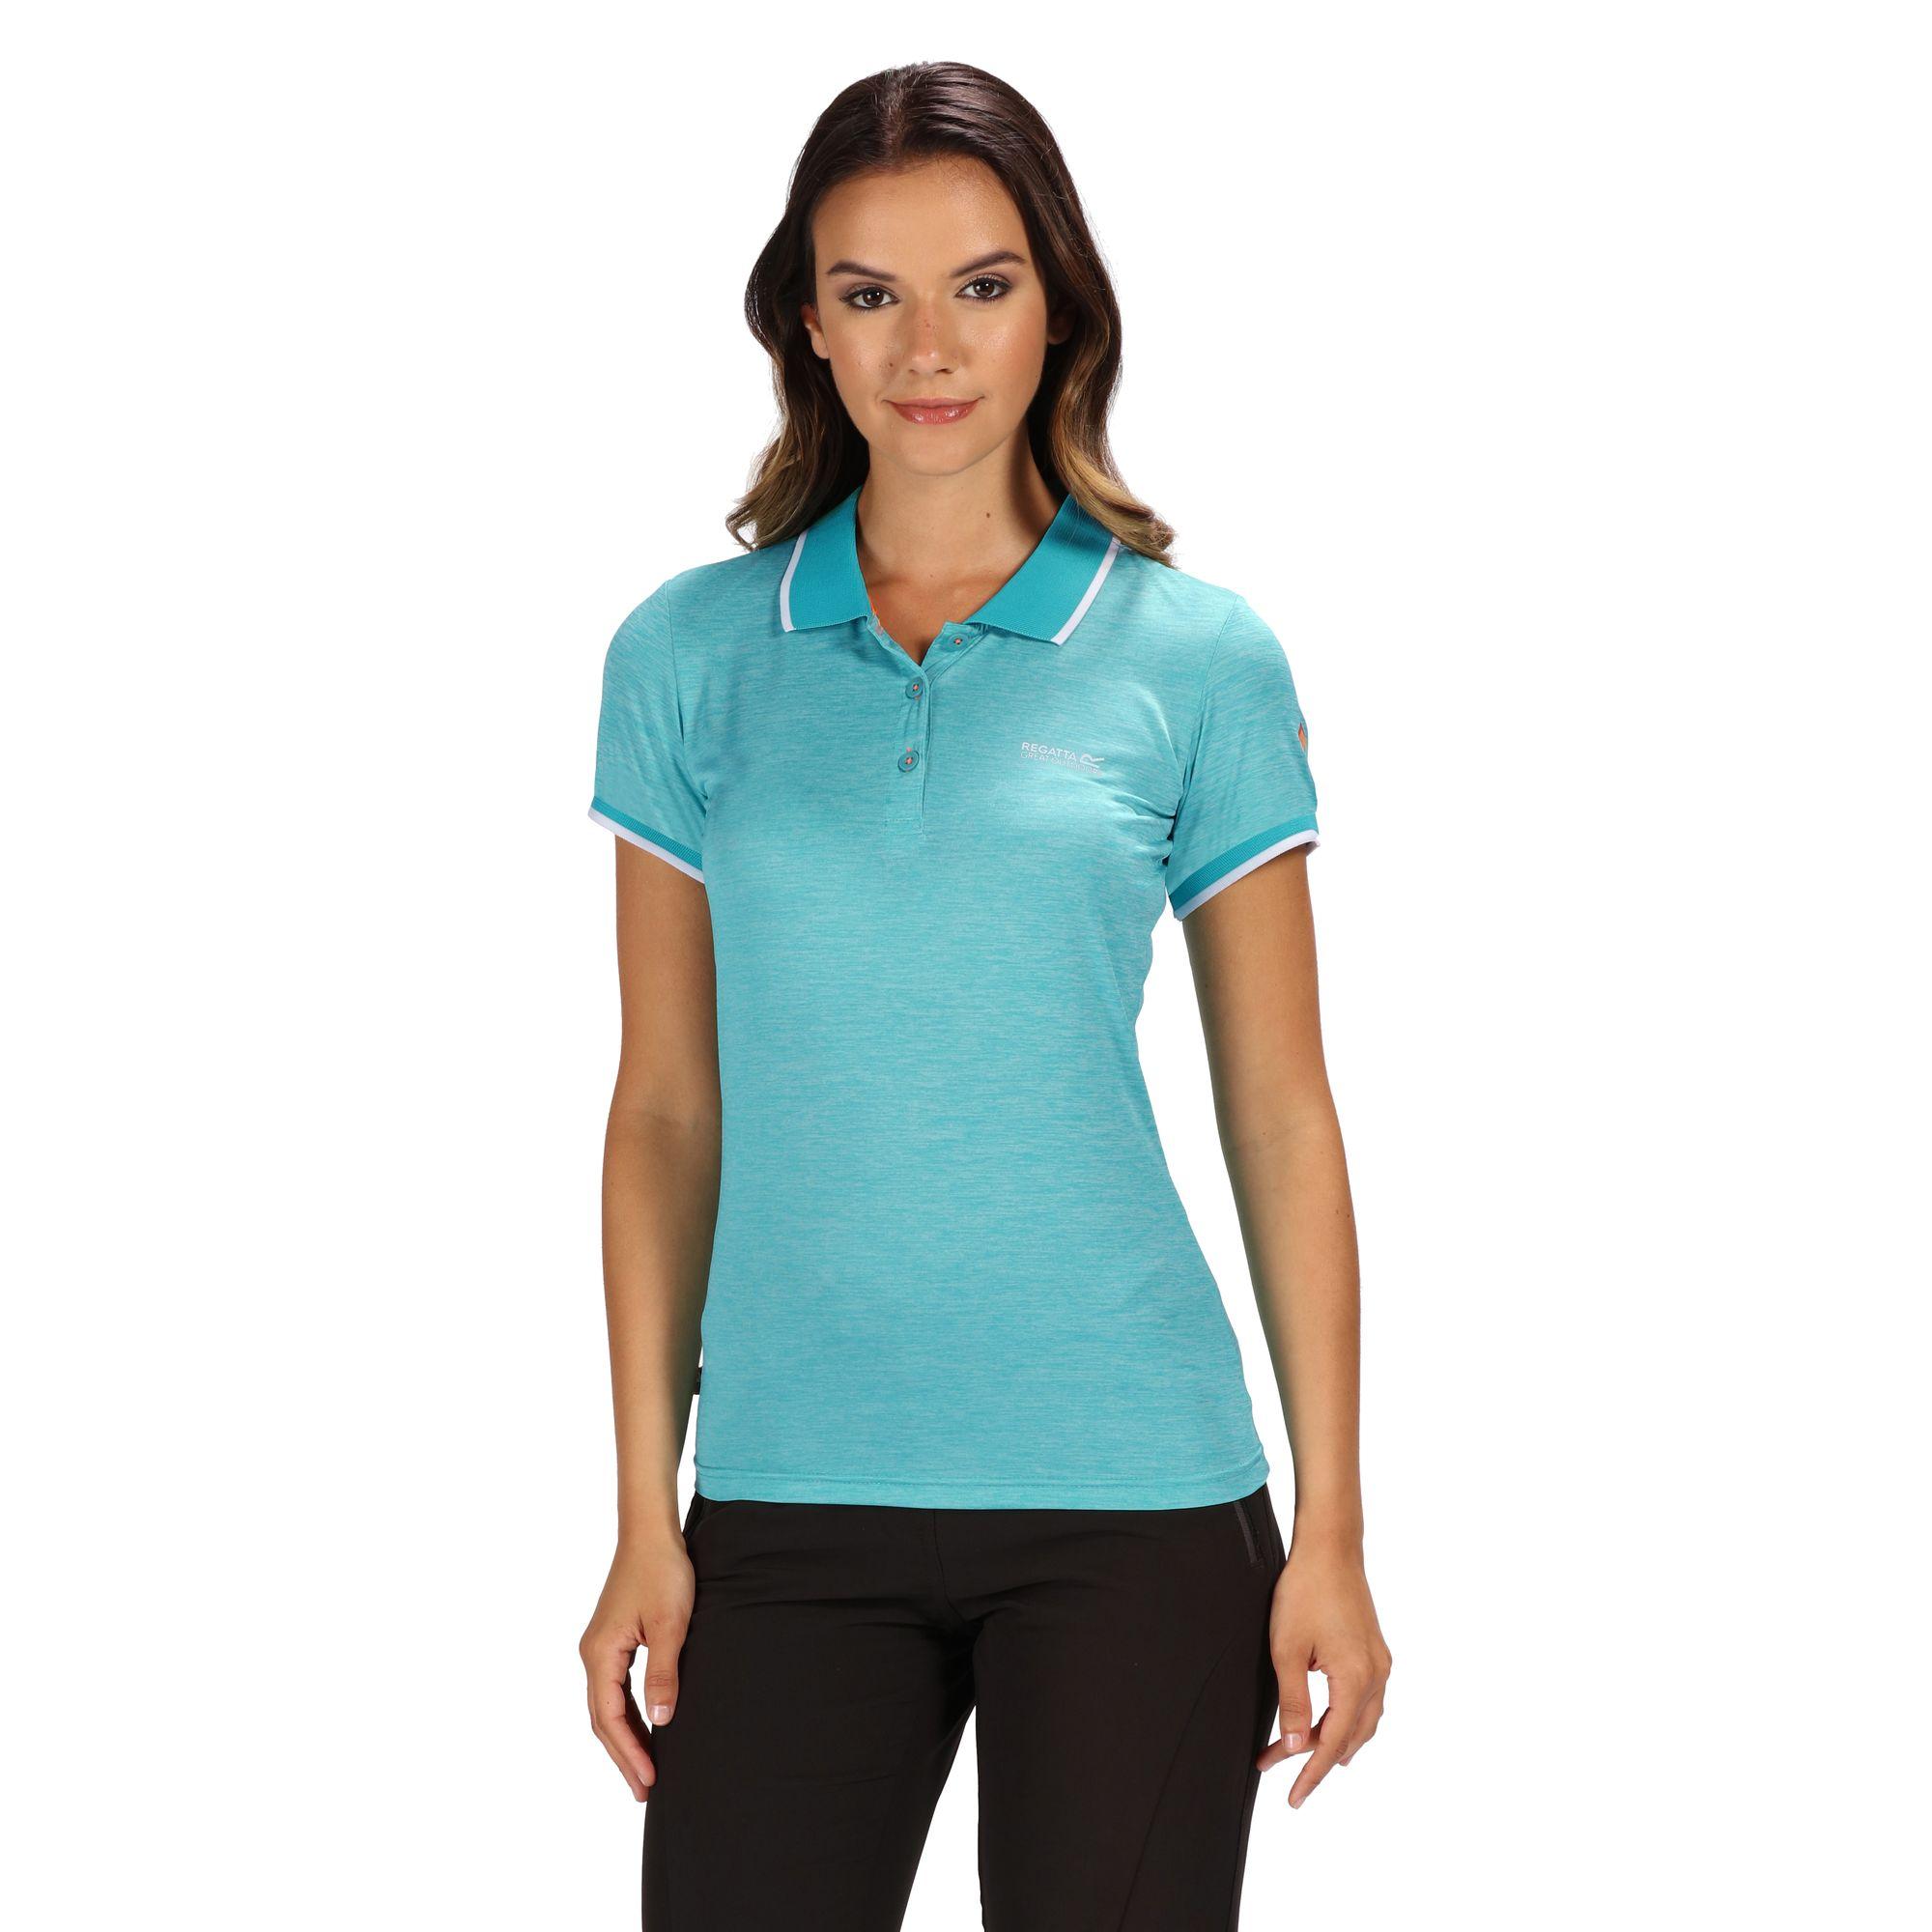 Regatta-Womens-Ladies-Remex-II-Polo-Neck-T-Shirt-RG4477 thumbnail 4